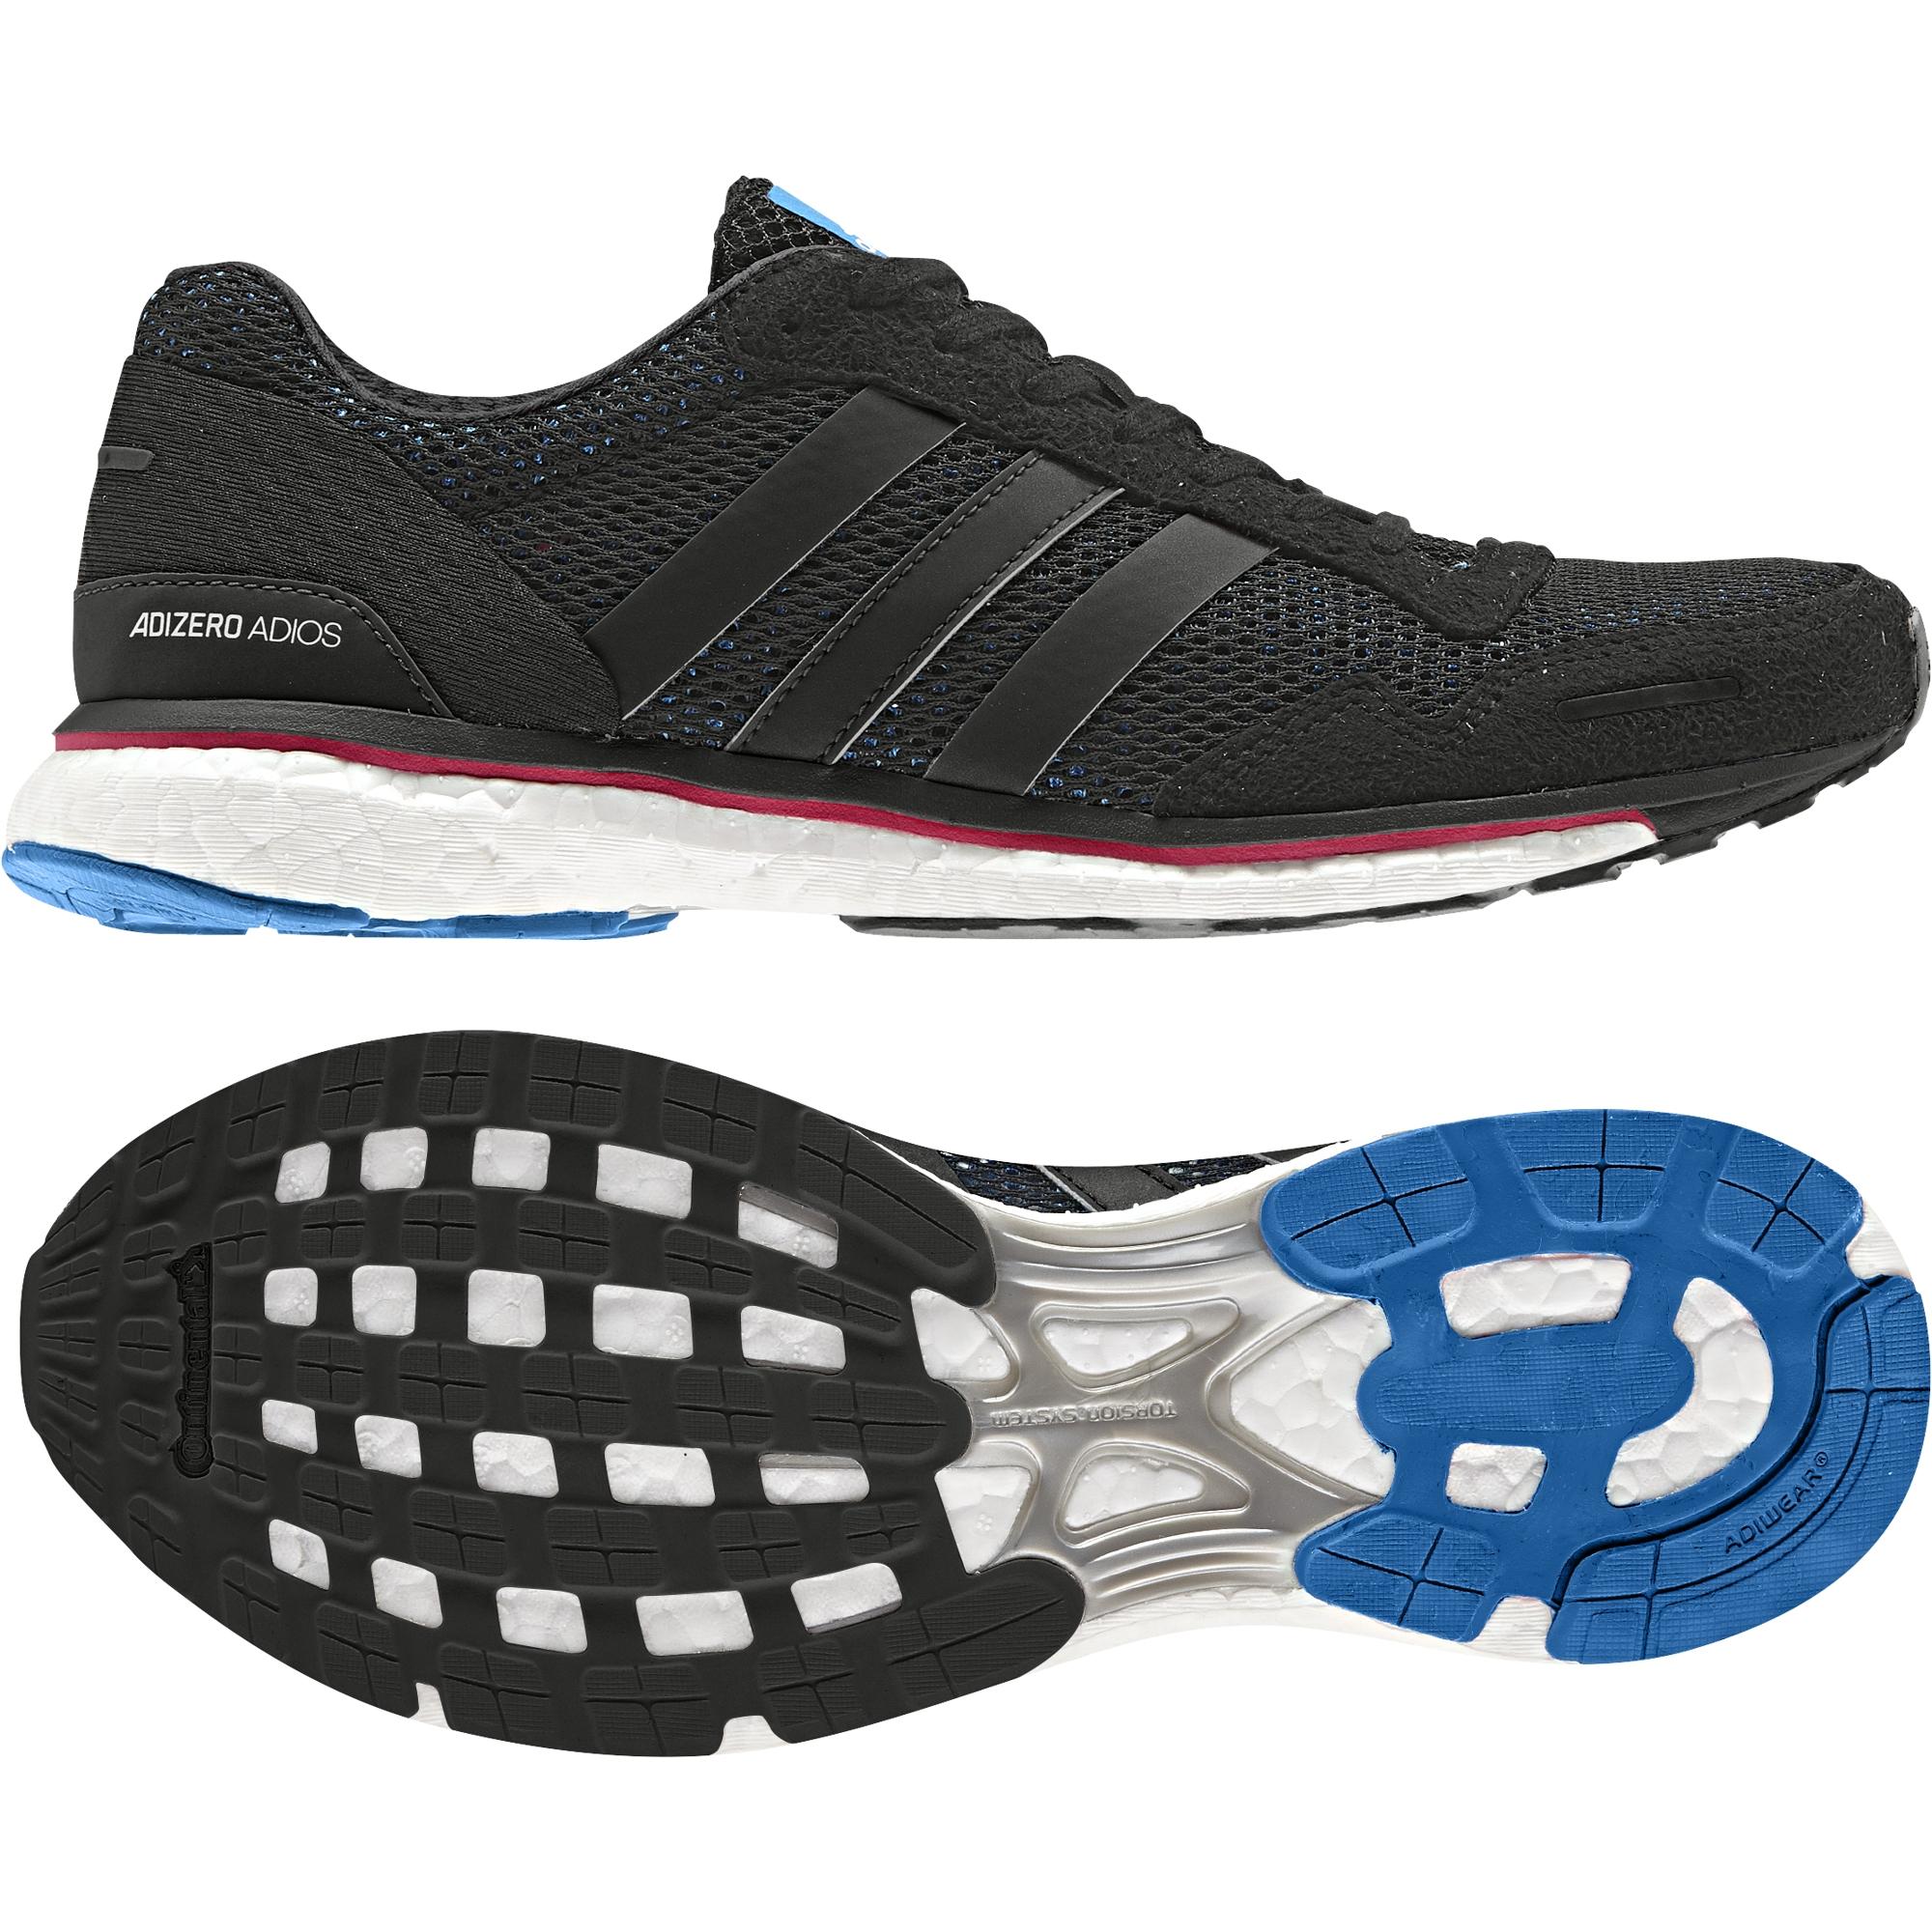 Chaussures femme adidas Adizero Adios 3